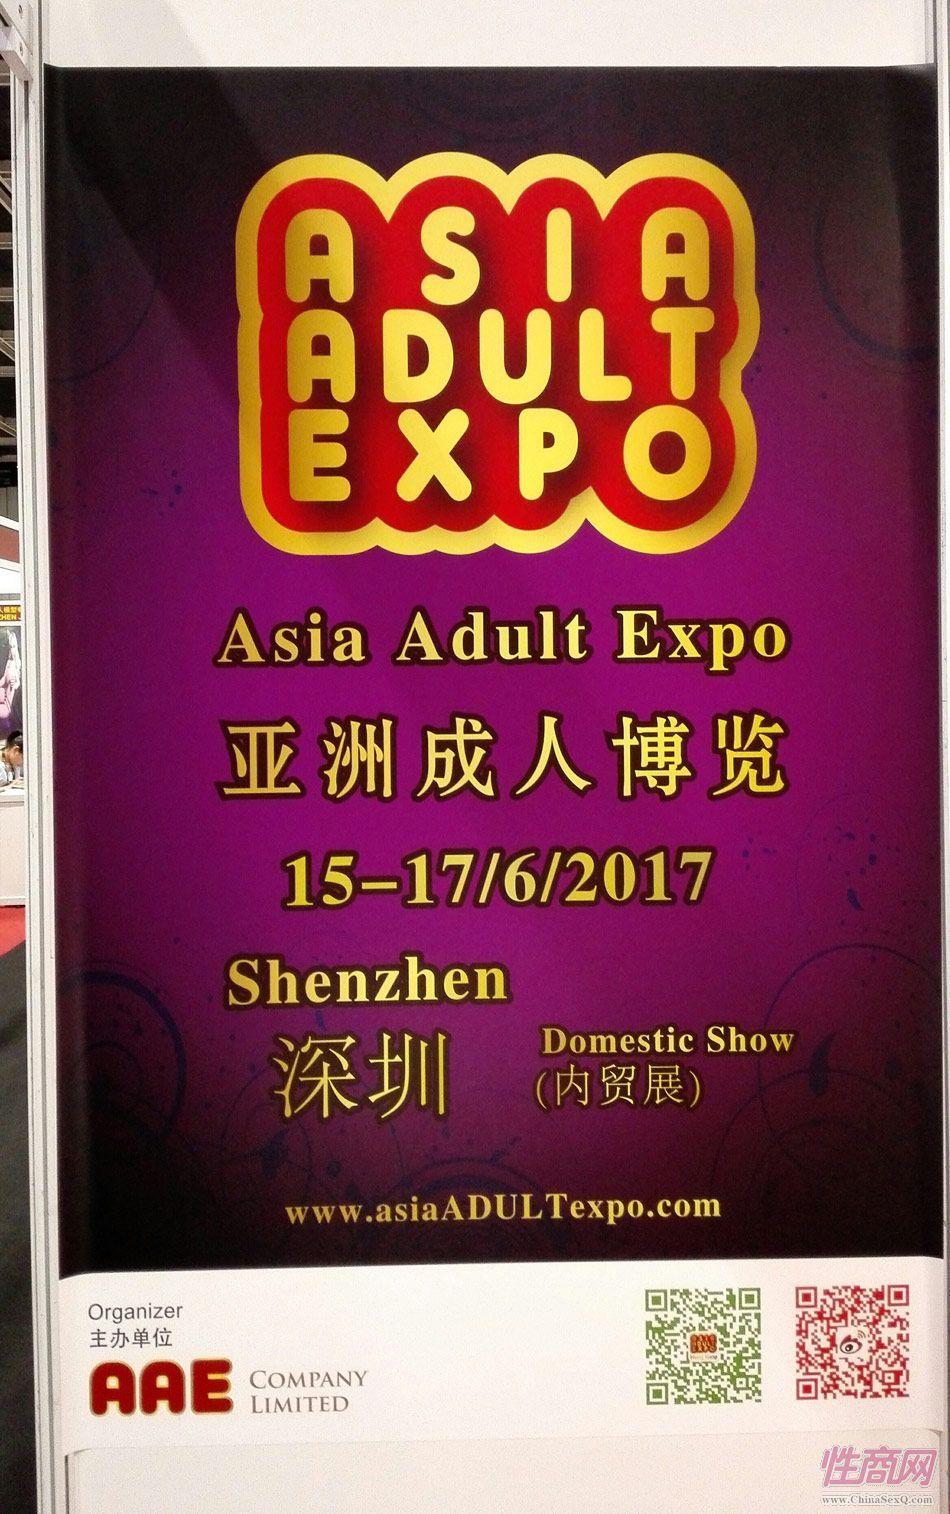 2016香港亚洲成人博览现场报道精彩集锦图片13